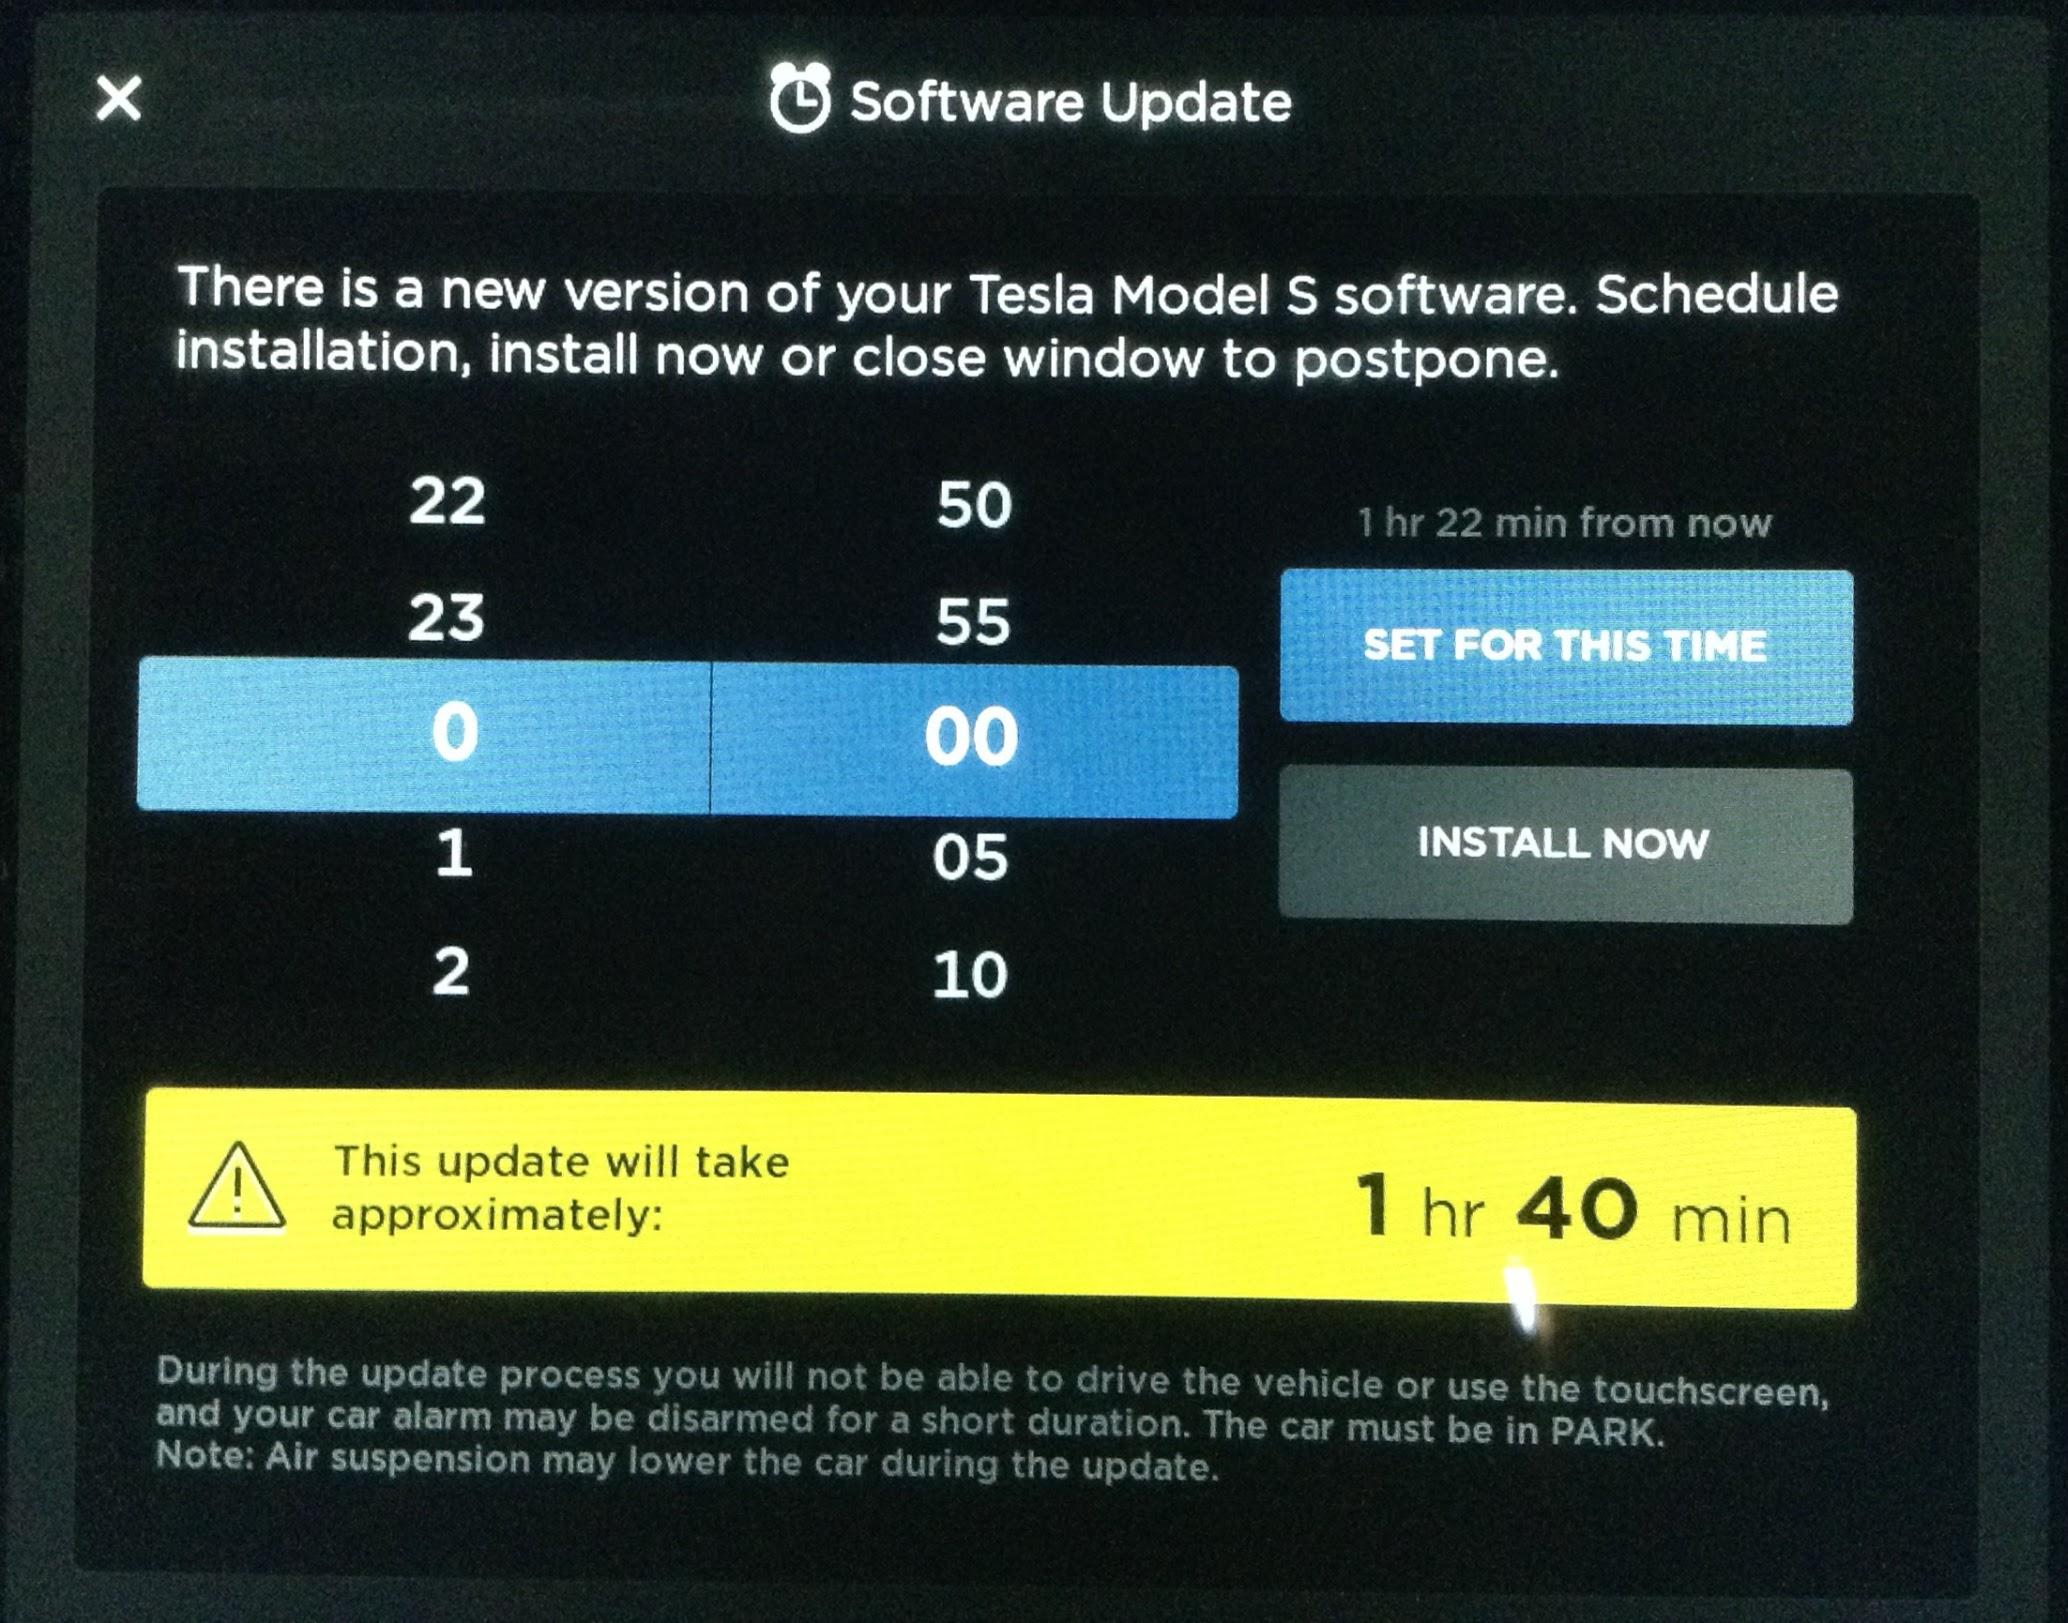 E' finalmente iniziato l'invio dell'aggiornamento V9.0 a tutte le Tesla!